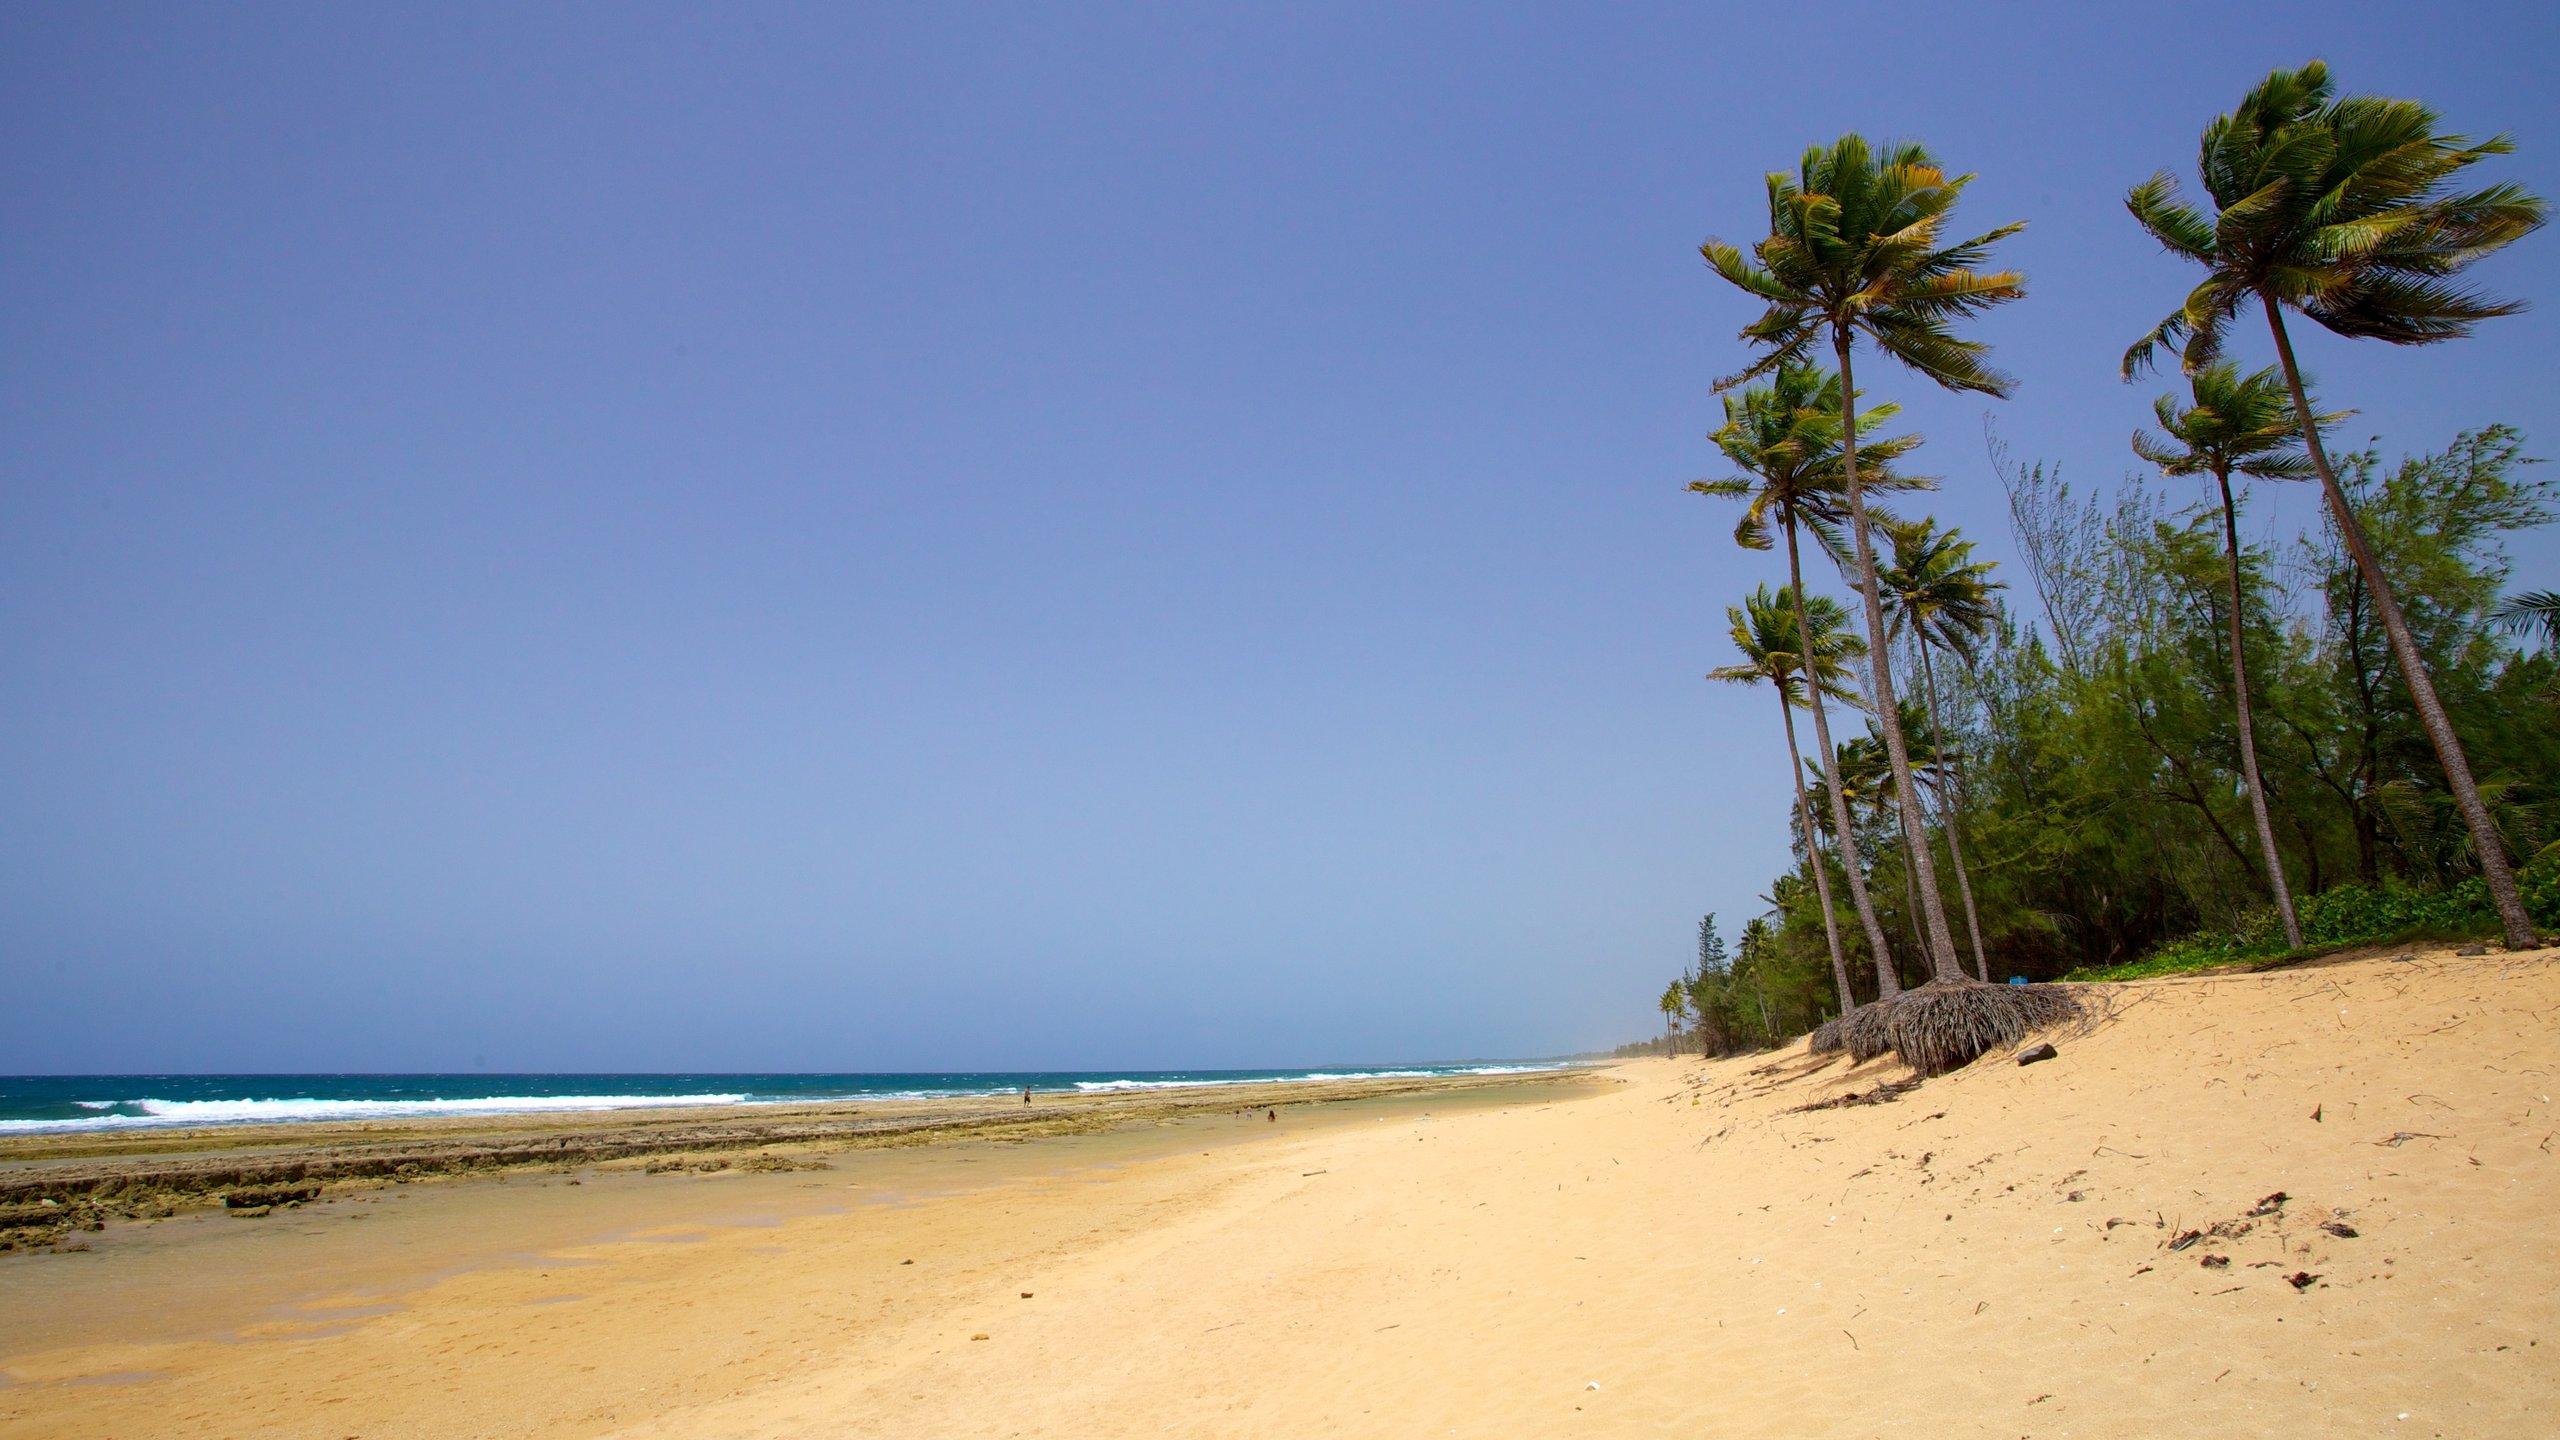 Loiza, Puerto Rico